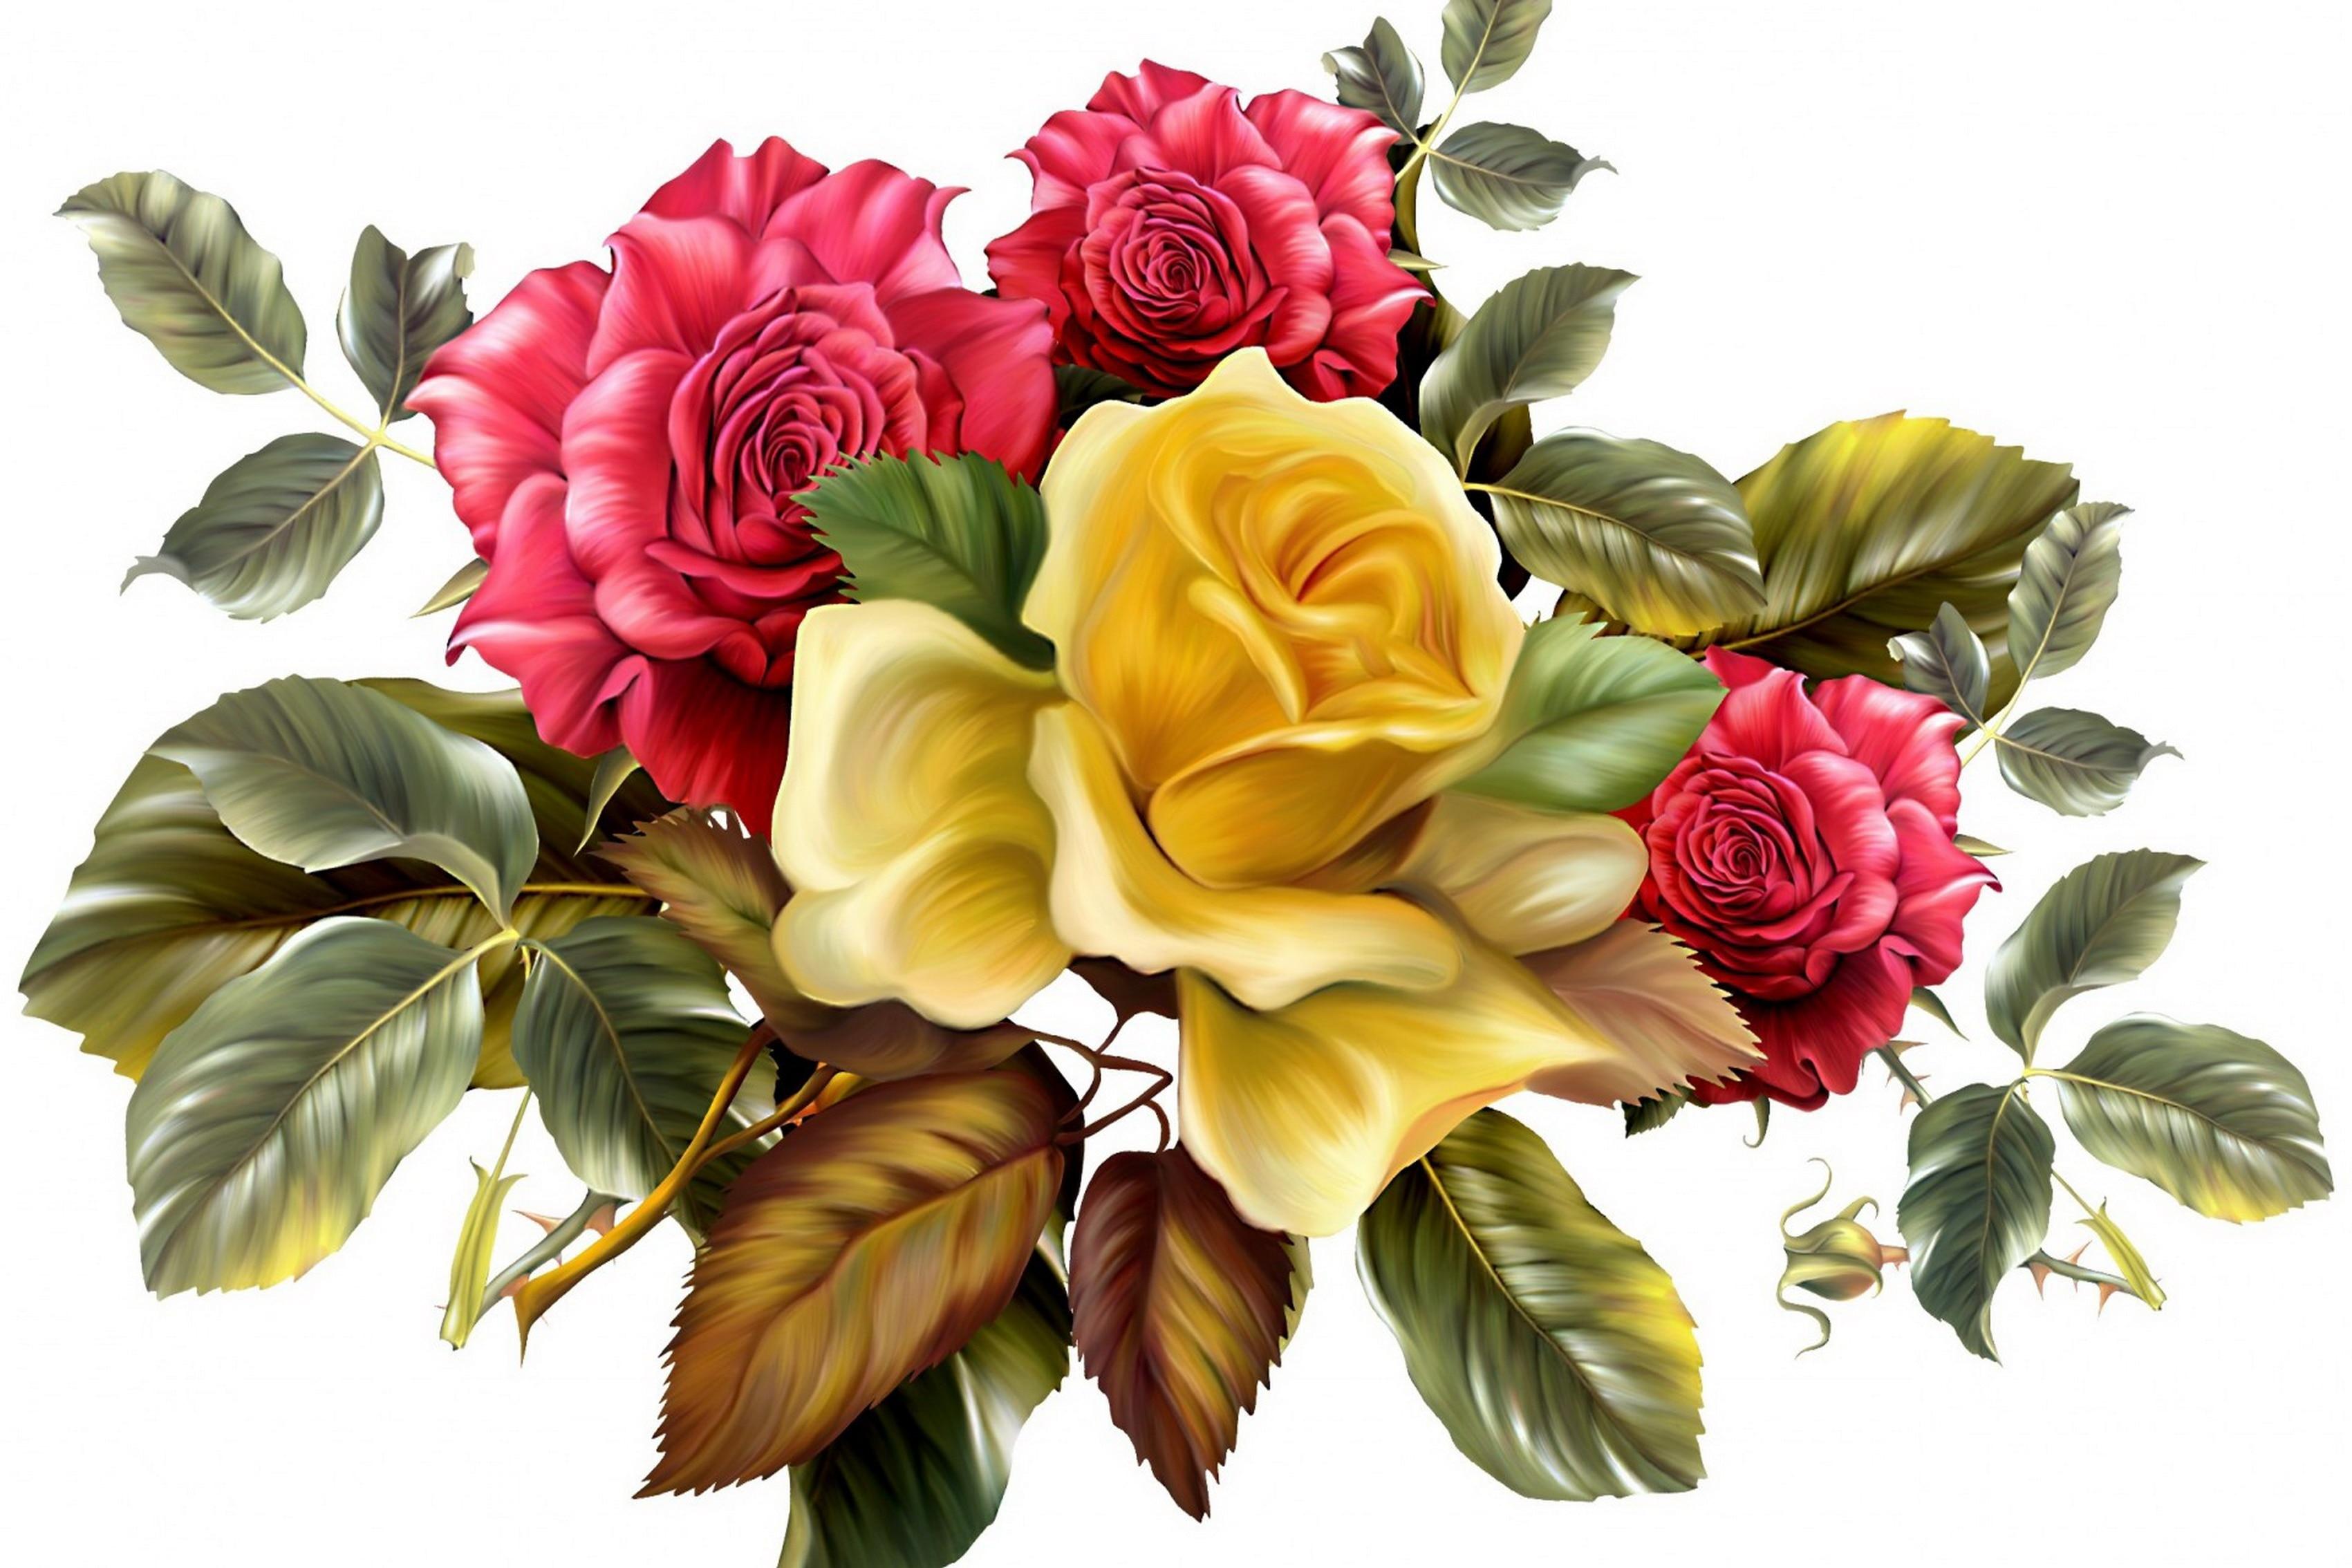 achetez en gros en bois rose bouquets en ligne des grossistes en bois rose bouquets chinois. Black Bedroom Furniture Sets. Home Design Ideas